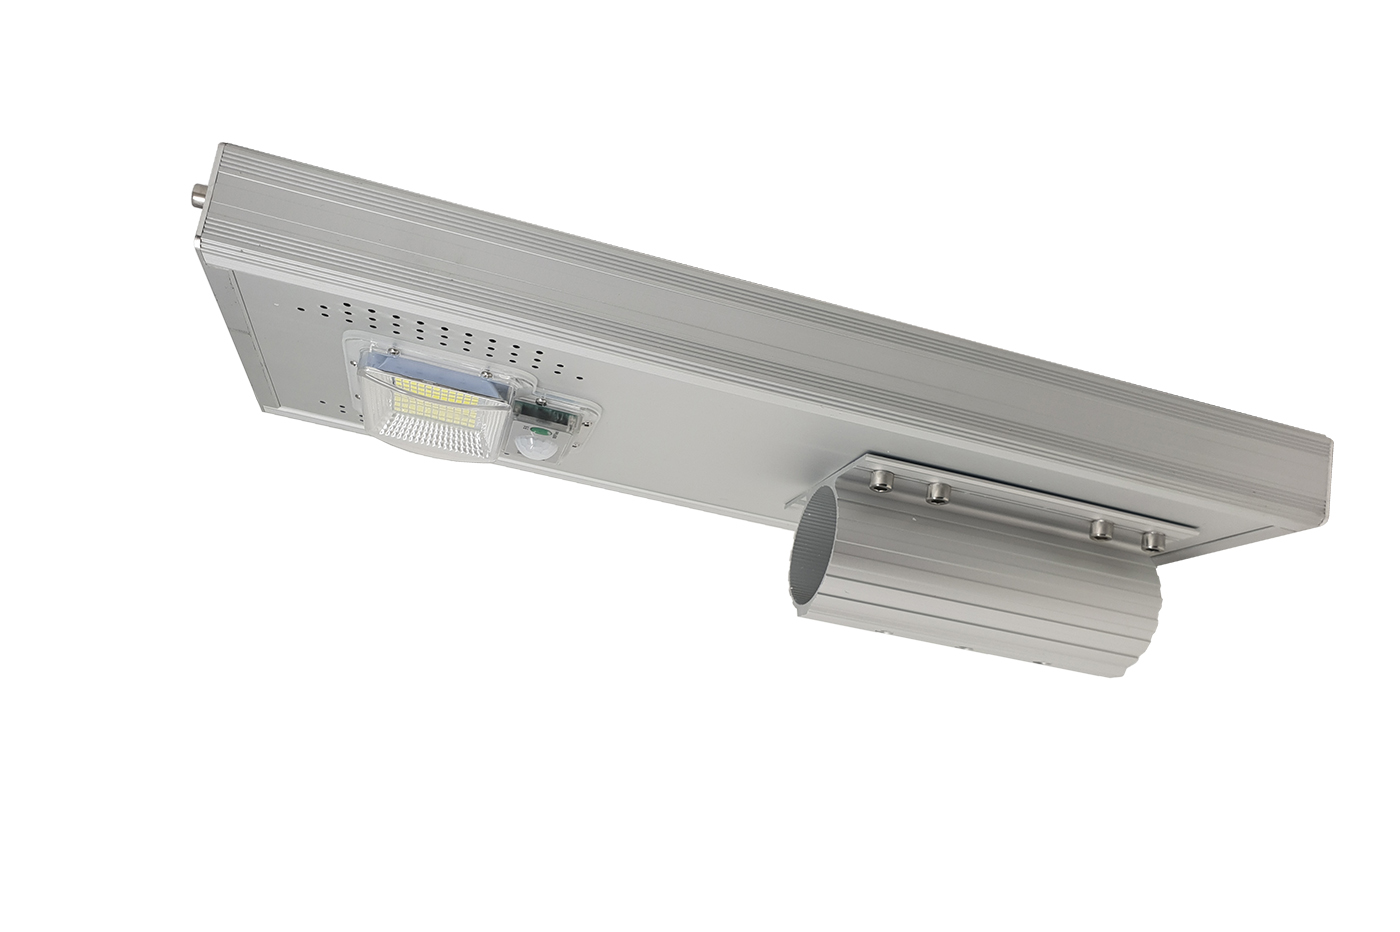 Plafoniere Per Lampioni Stradali : Bes 24427 illuminazione ad energia solare beselettronica